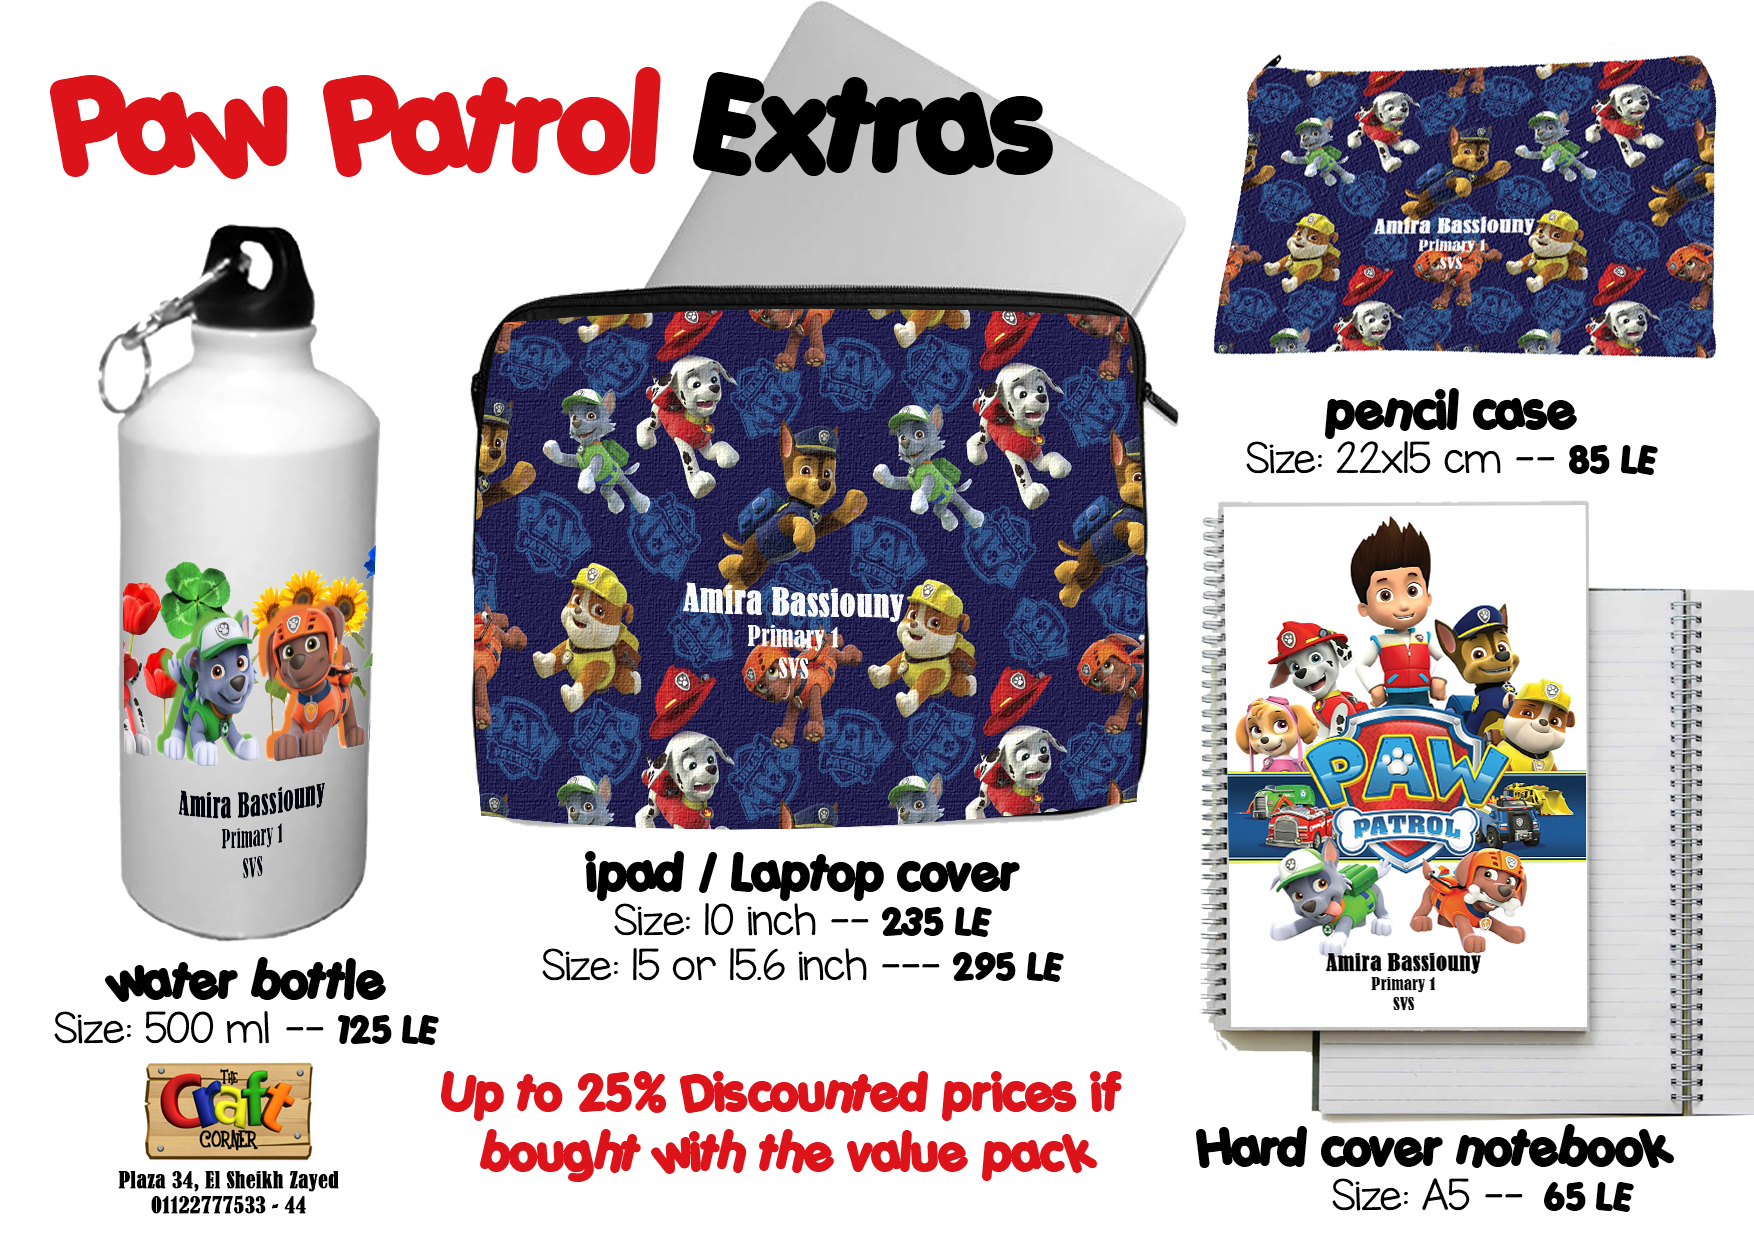 Paw patrol Extras